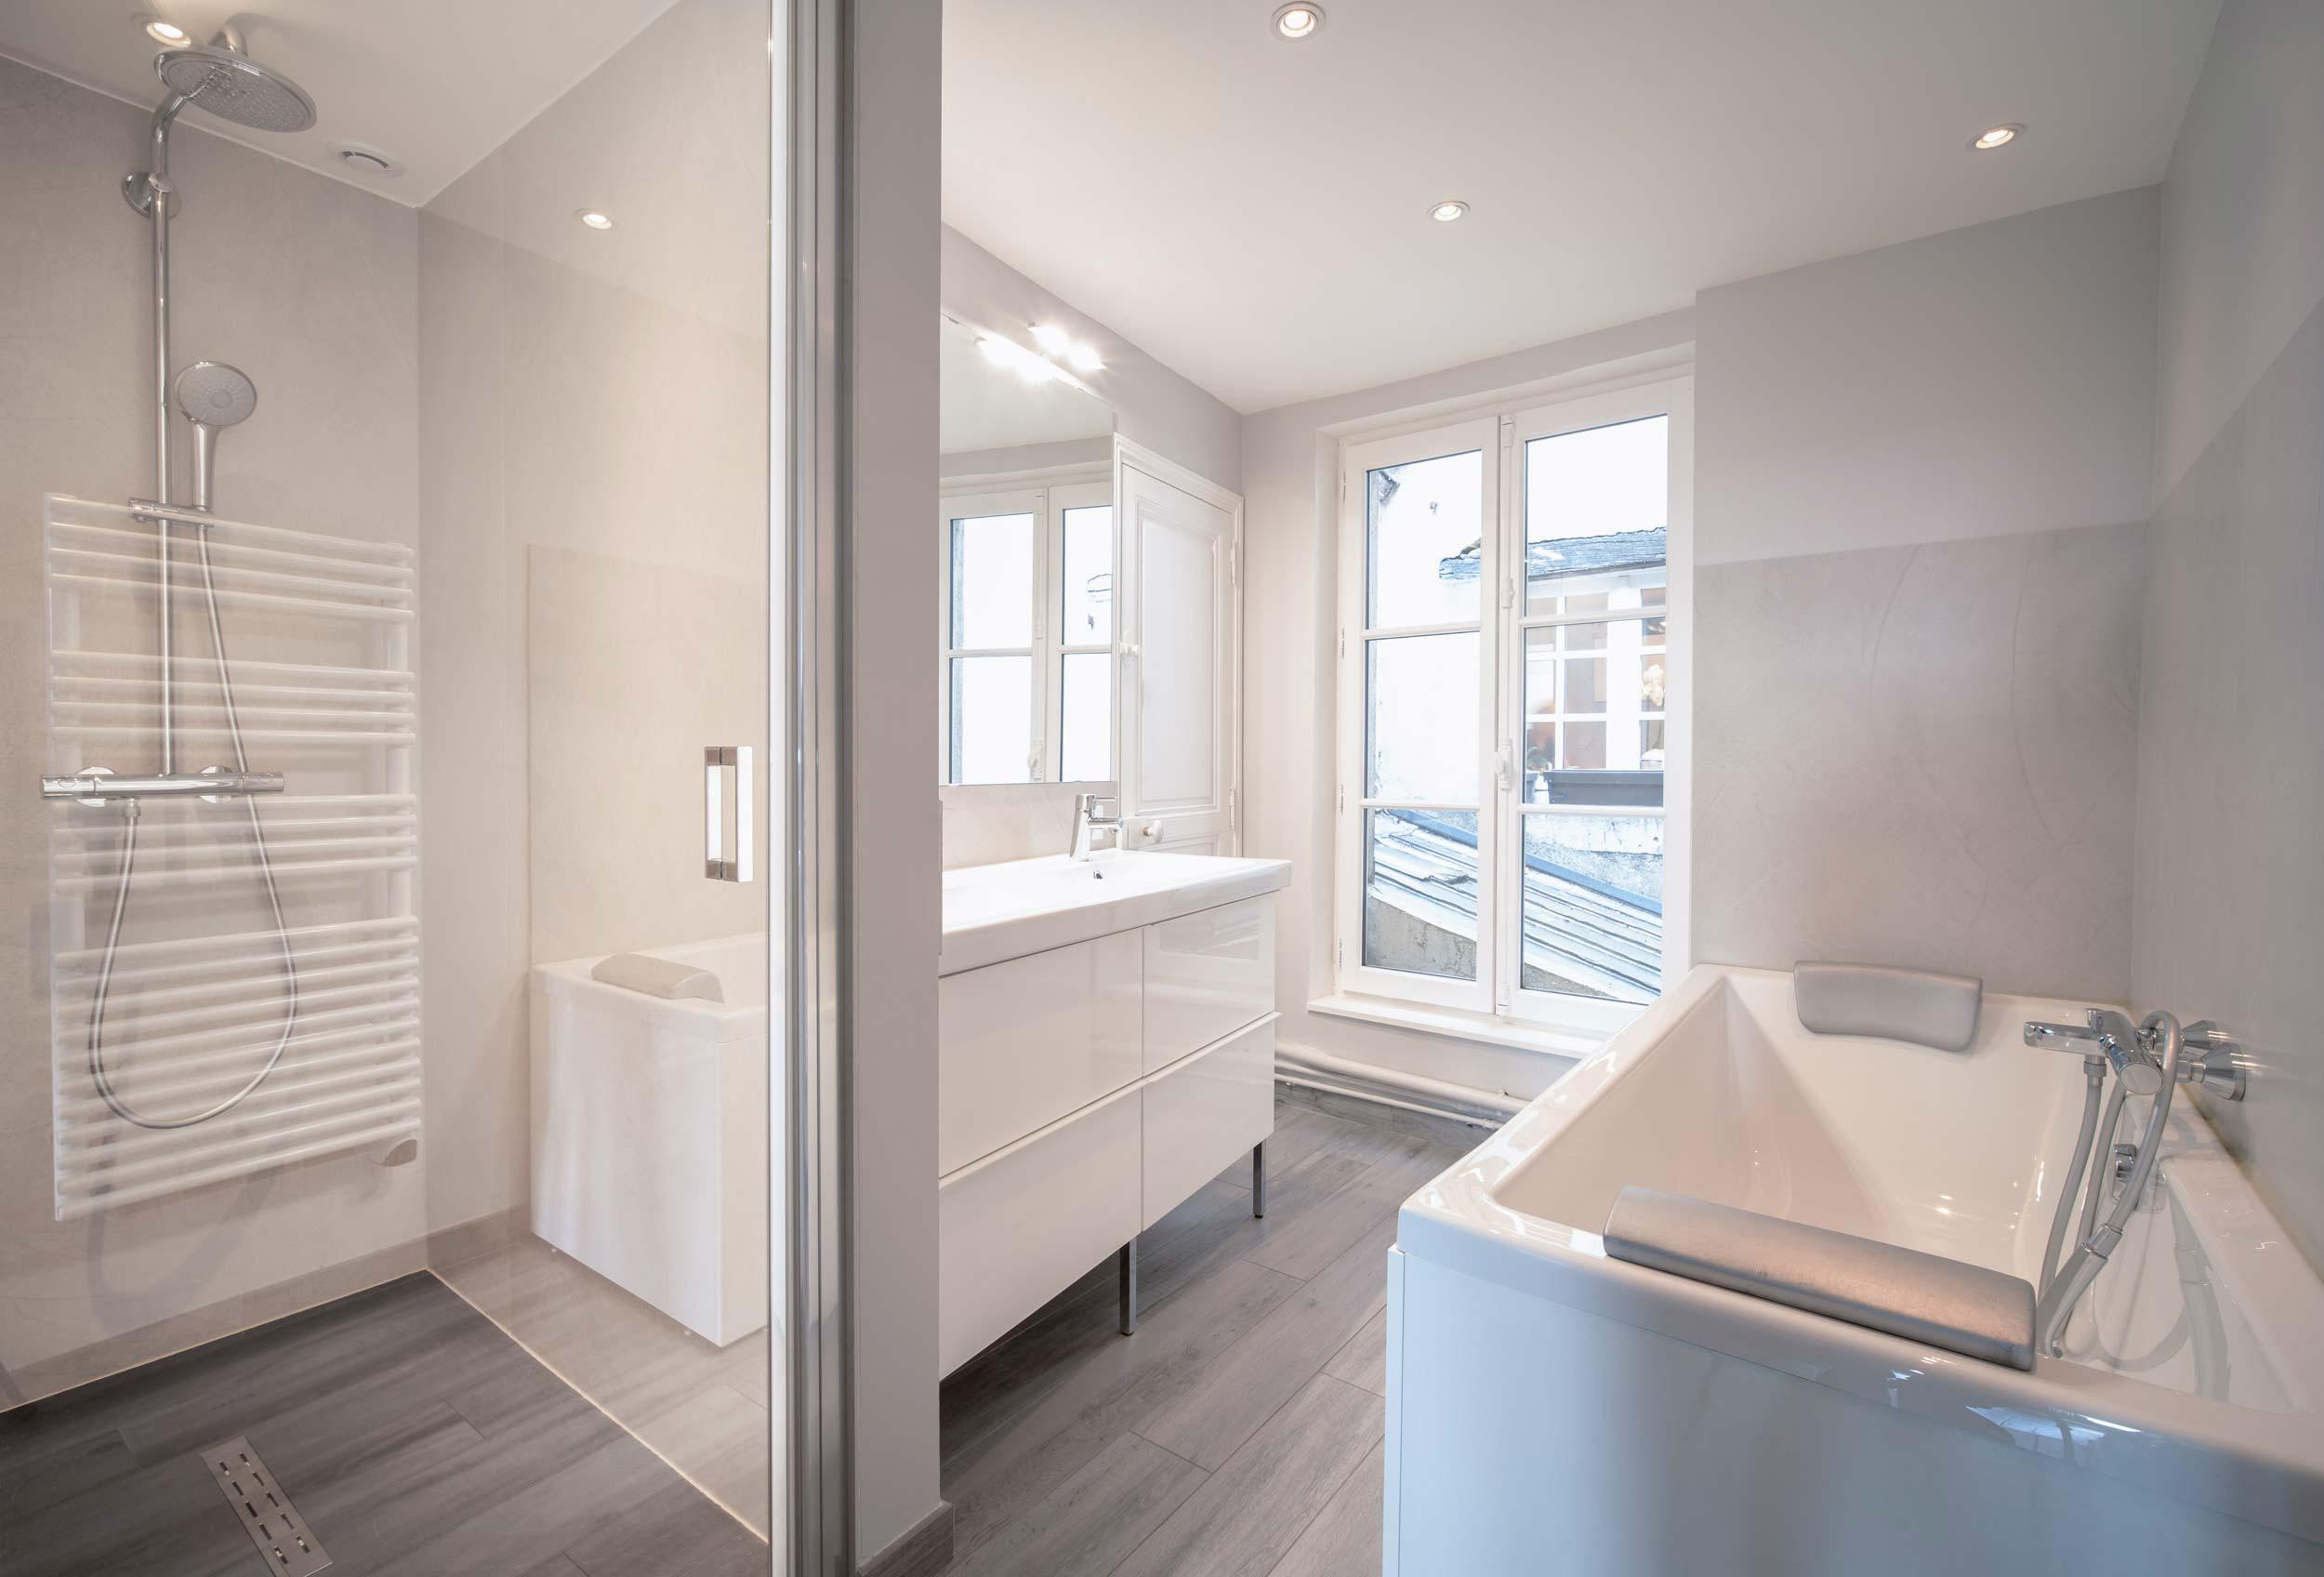 Rénovation appartement Blois - après travaux